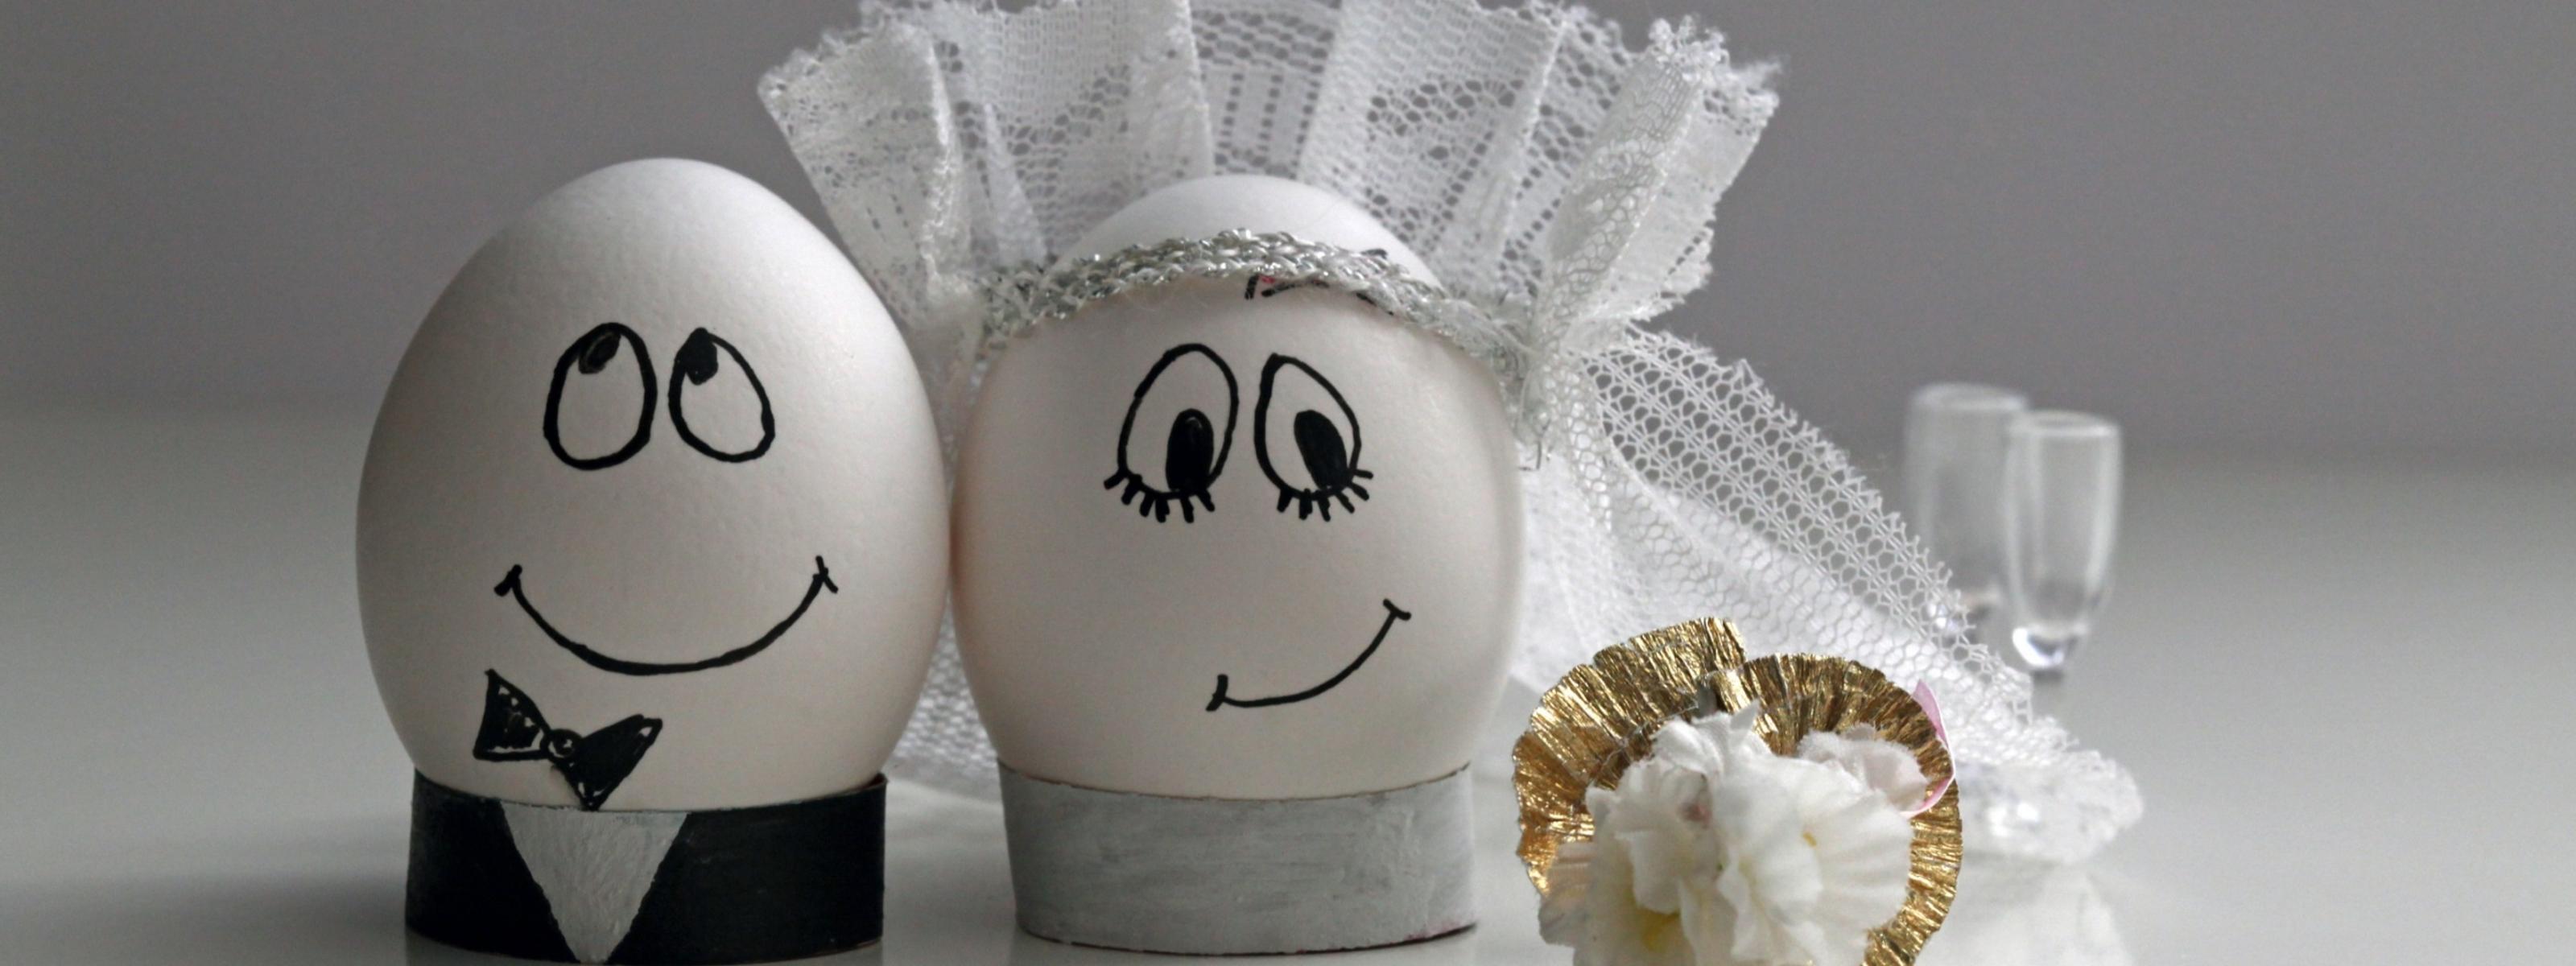 Скоро Свадьба - Агентства, координатор: описание, фото, отзывы 79